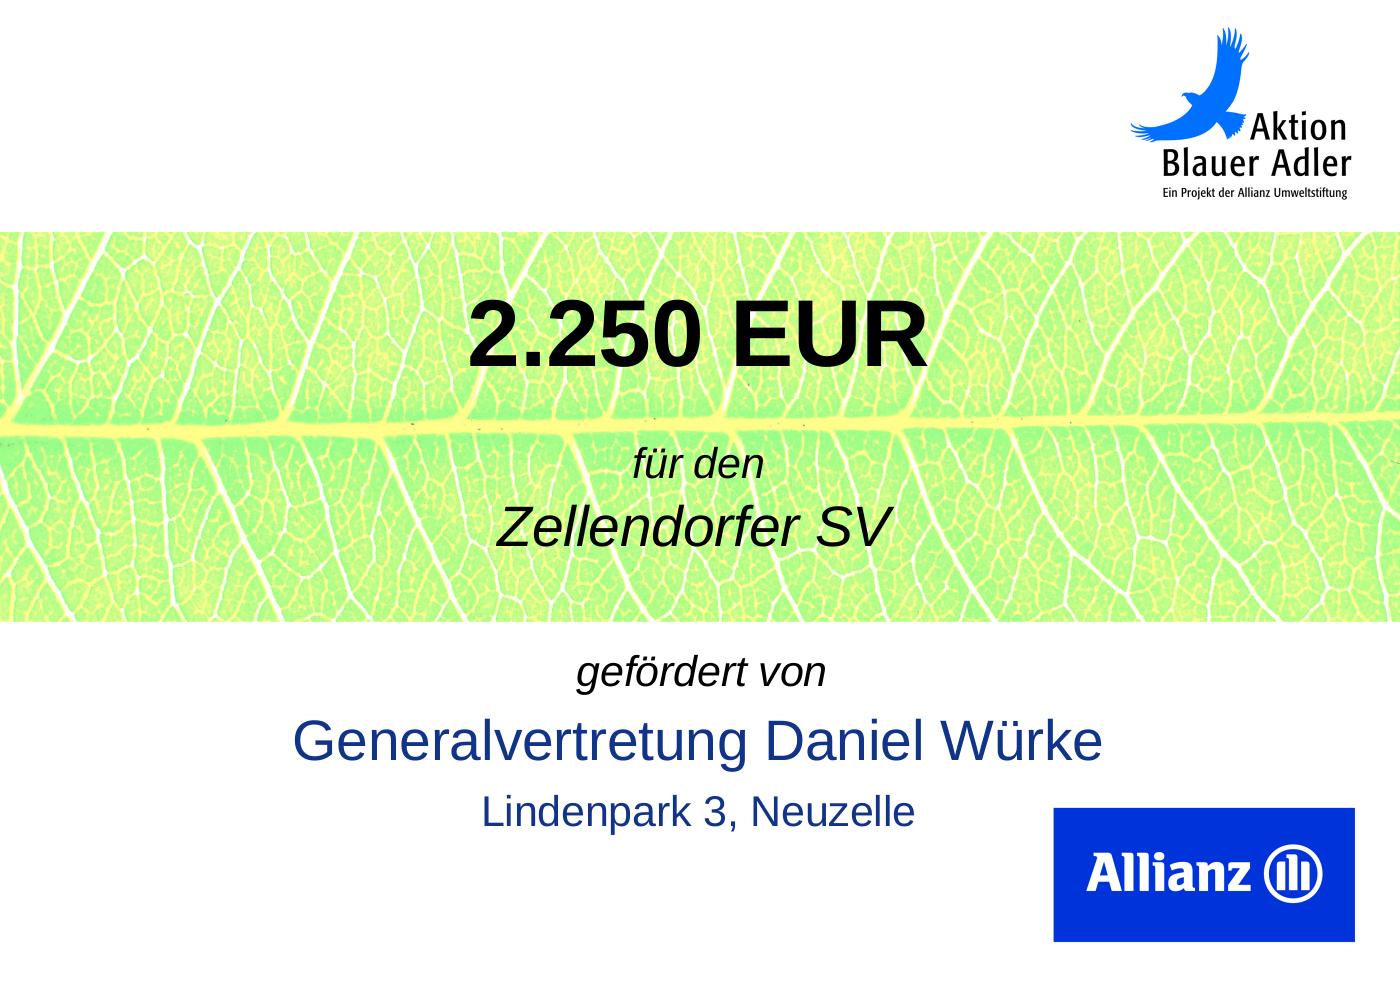 Scheck_Allianz